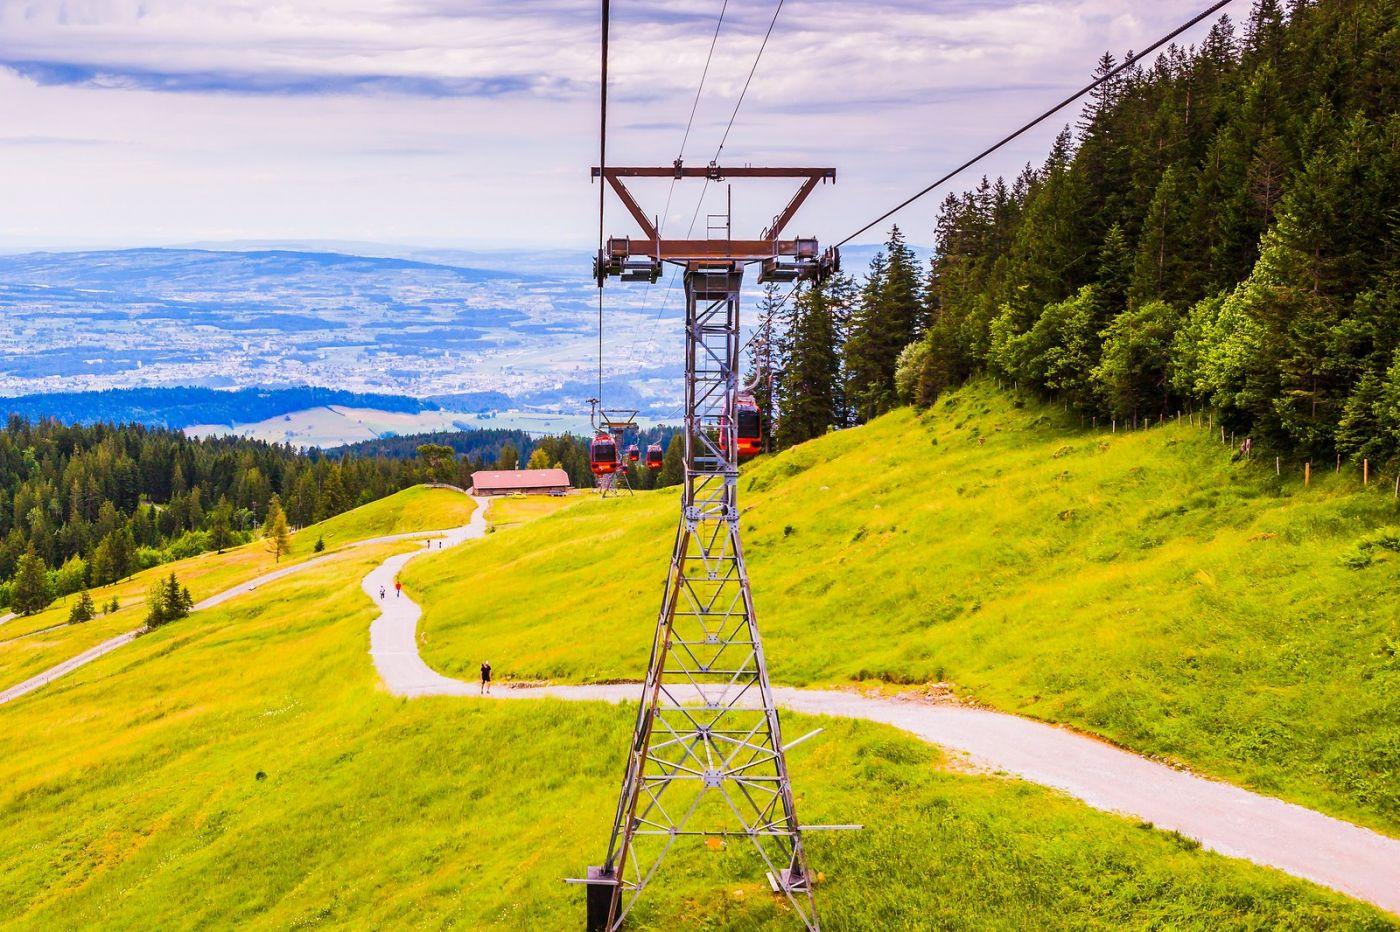 瑞士卢塞恩(Lucerne),坐缆车看风景_图1-12